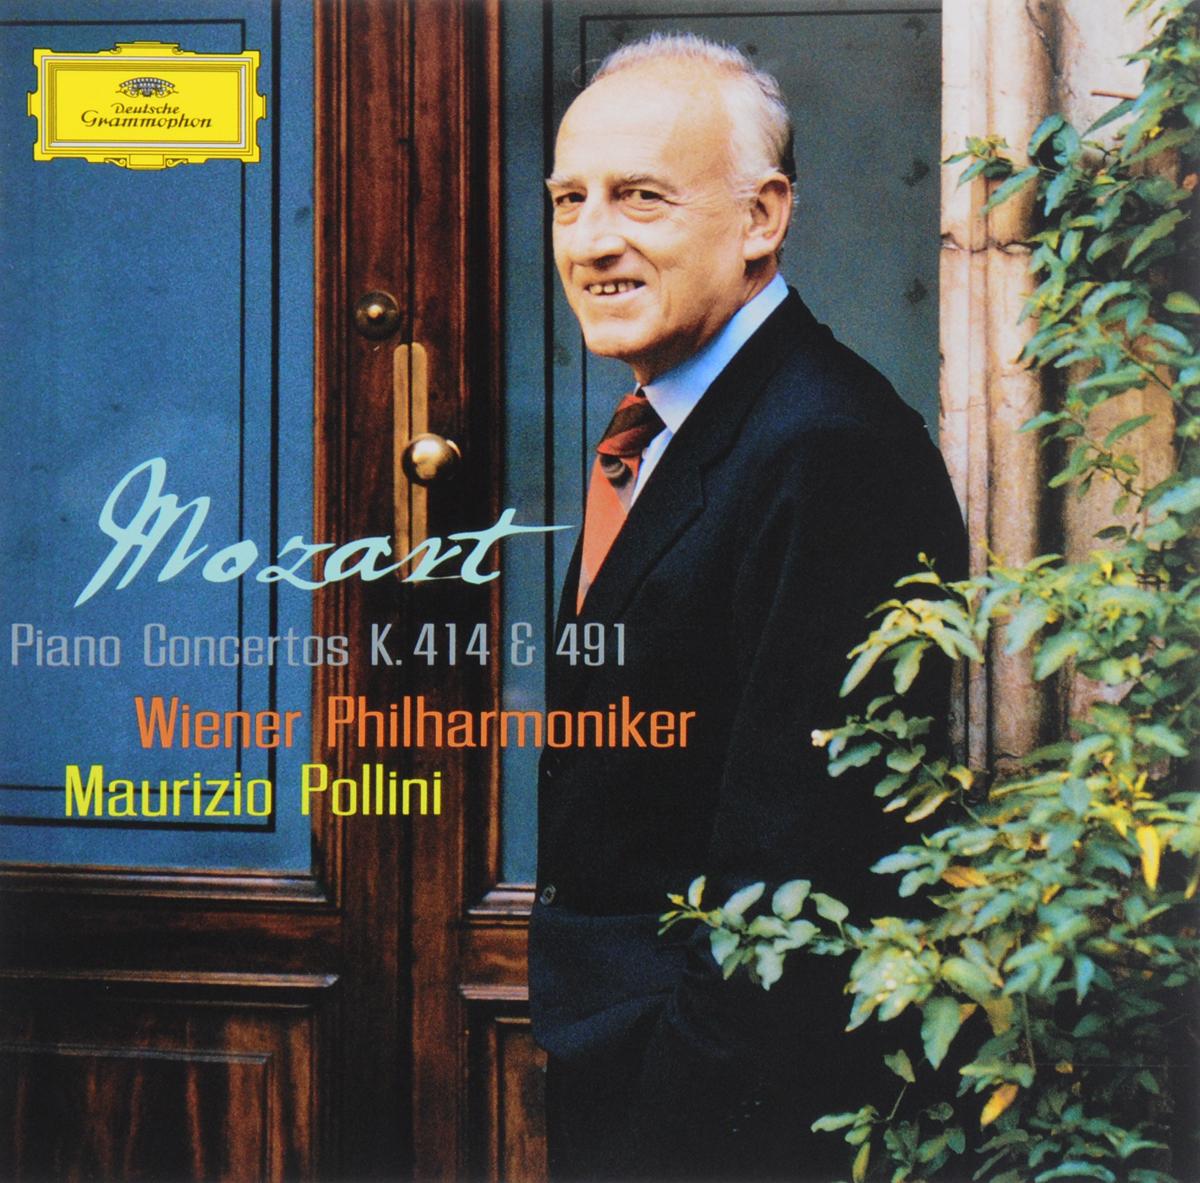 Maurizio Pollini. Mozart. Piano Concertos K. 414 & 491